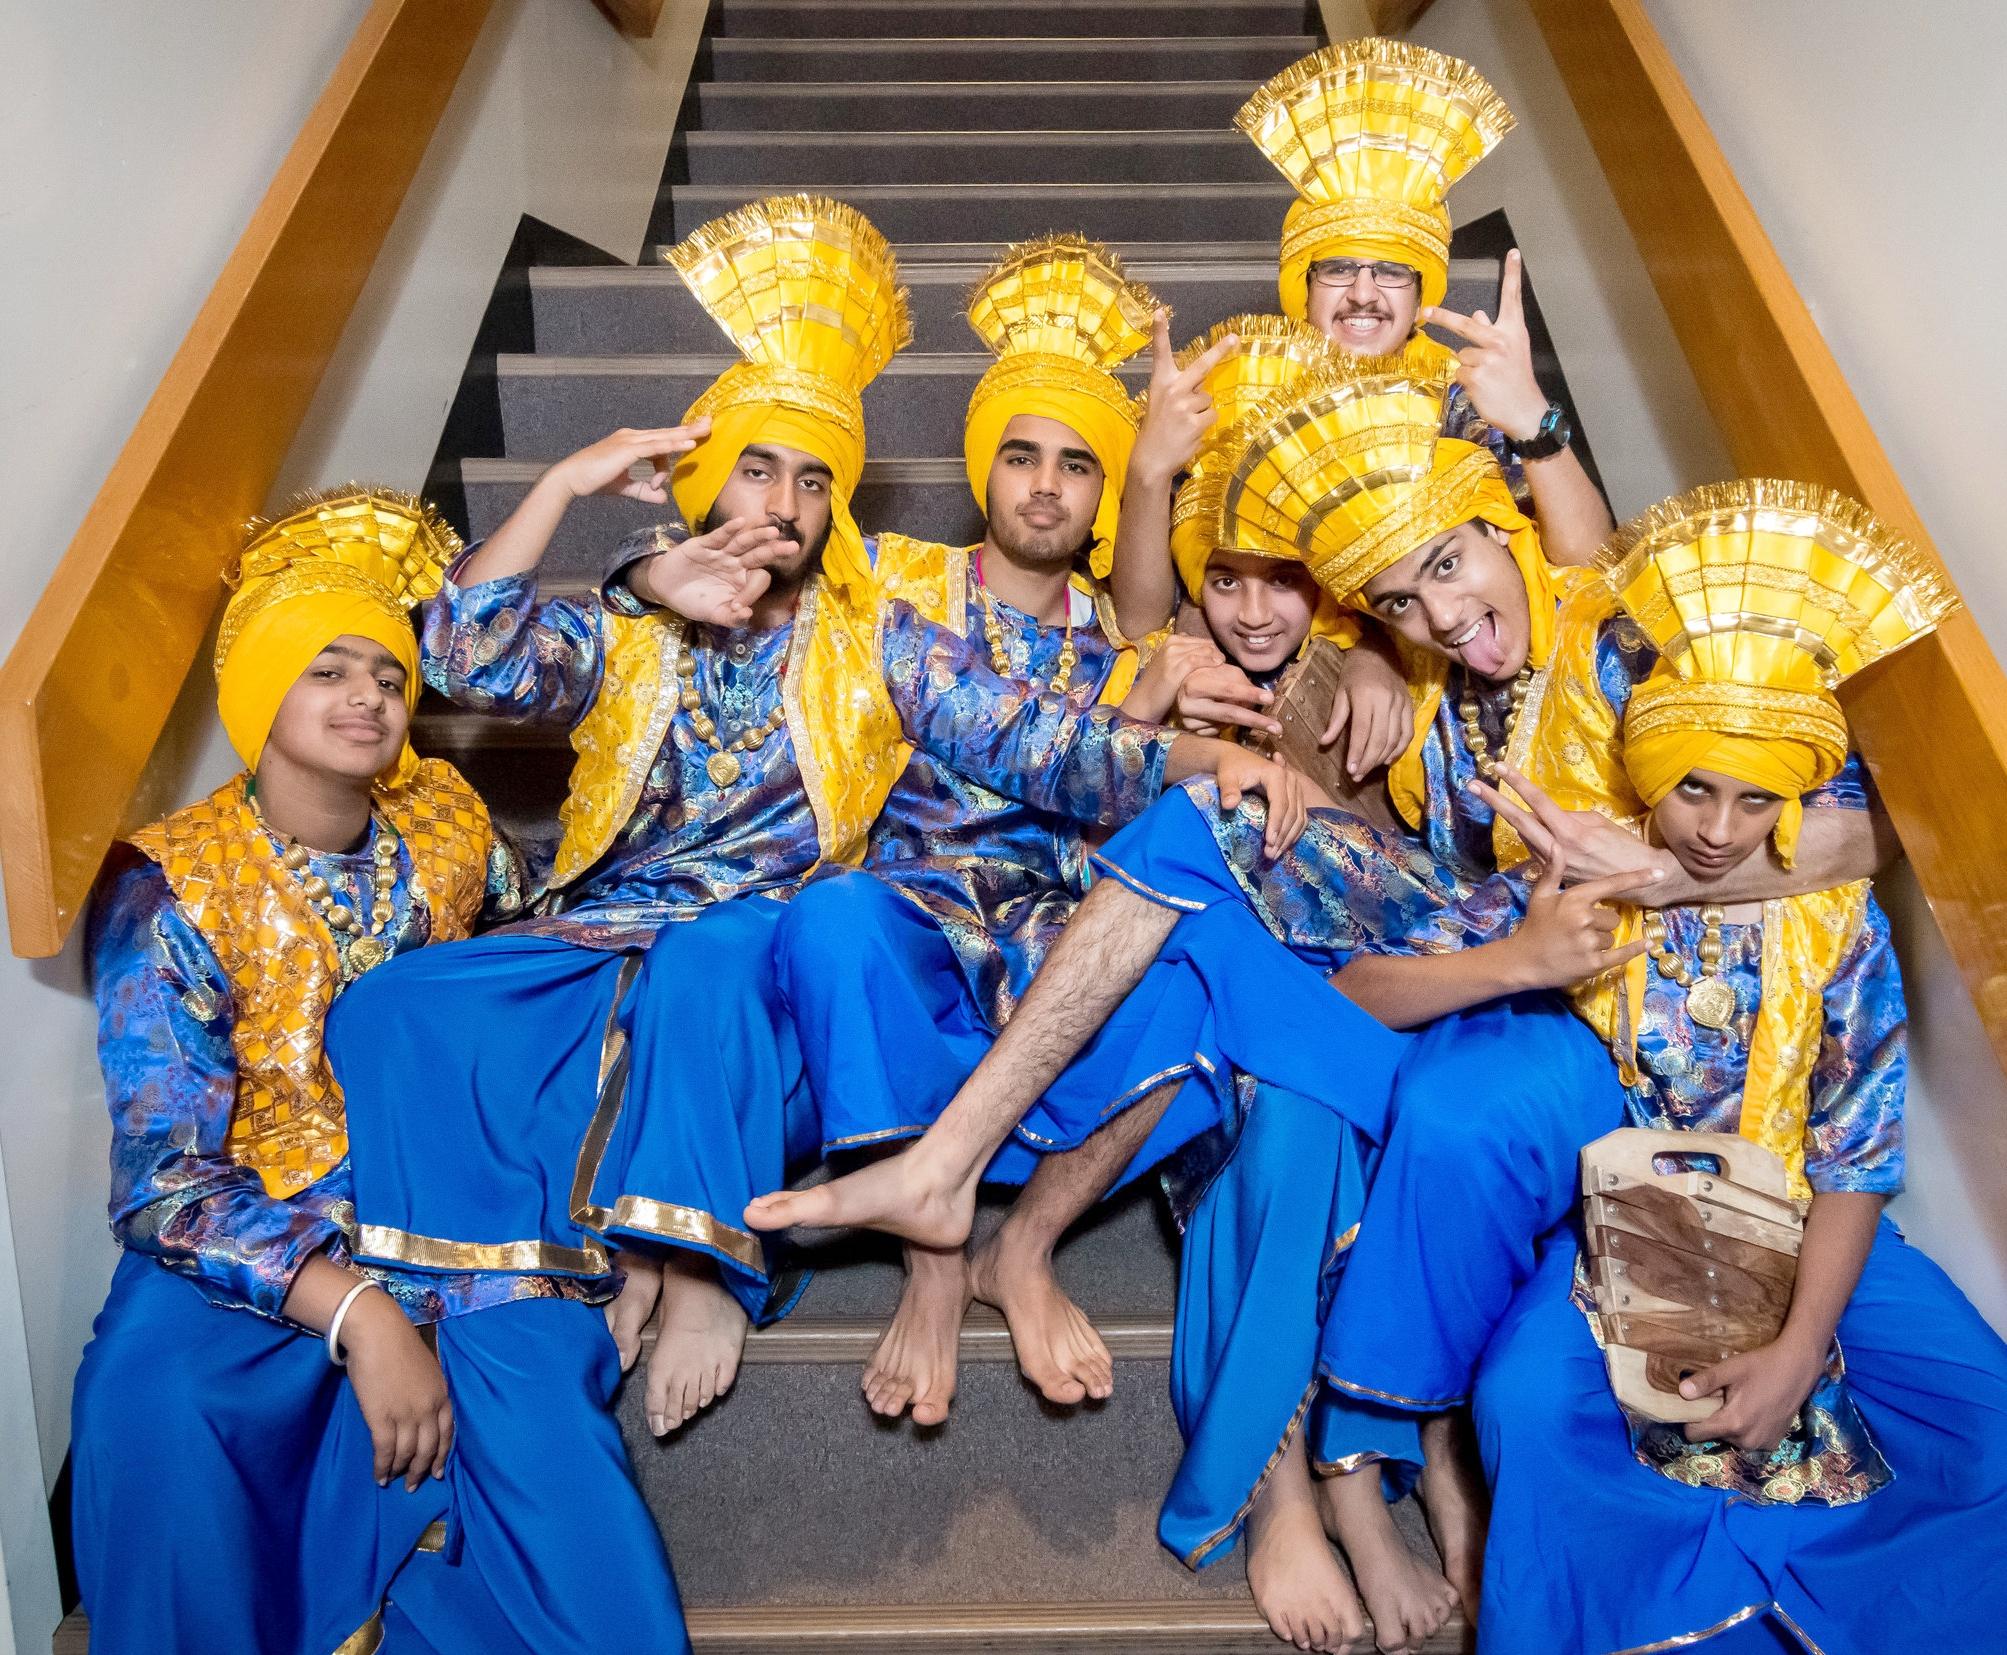 20170514 - Shan-e-Punjab Vaisakhi performance-0022.jpg